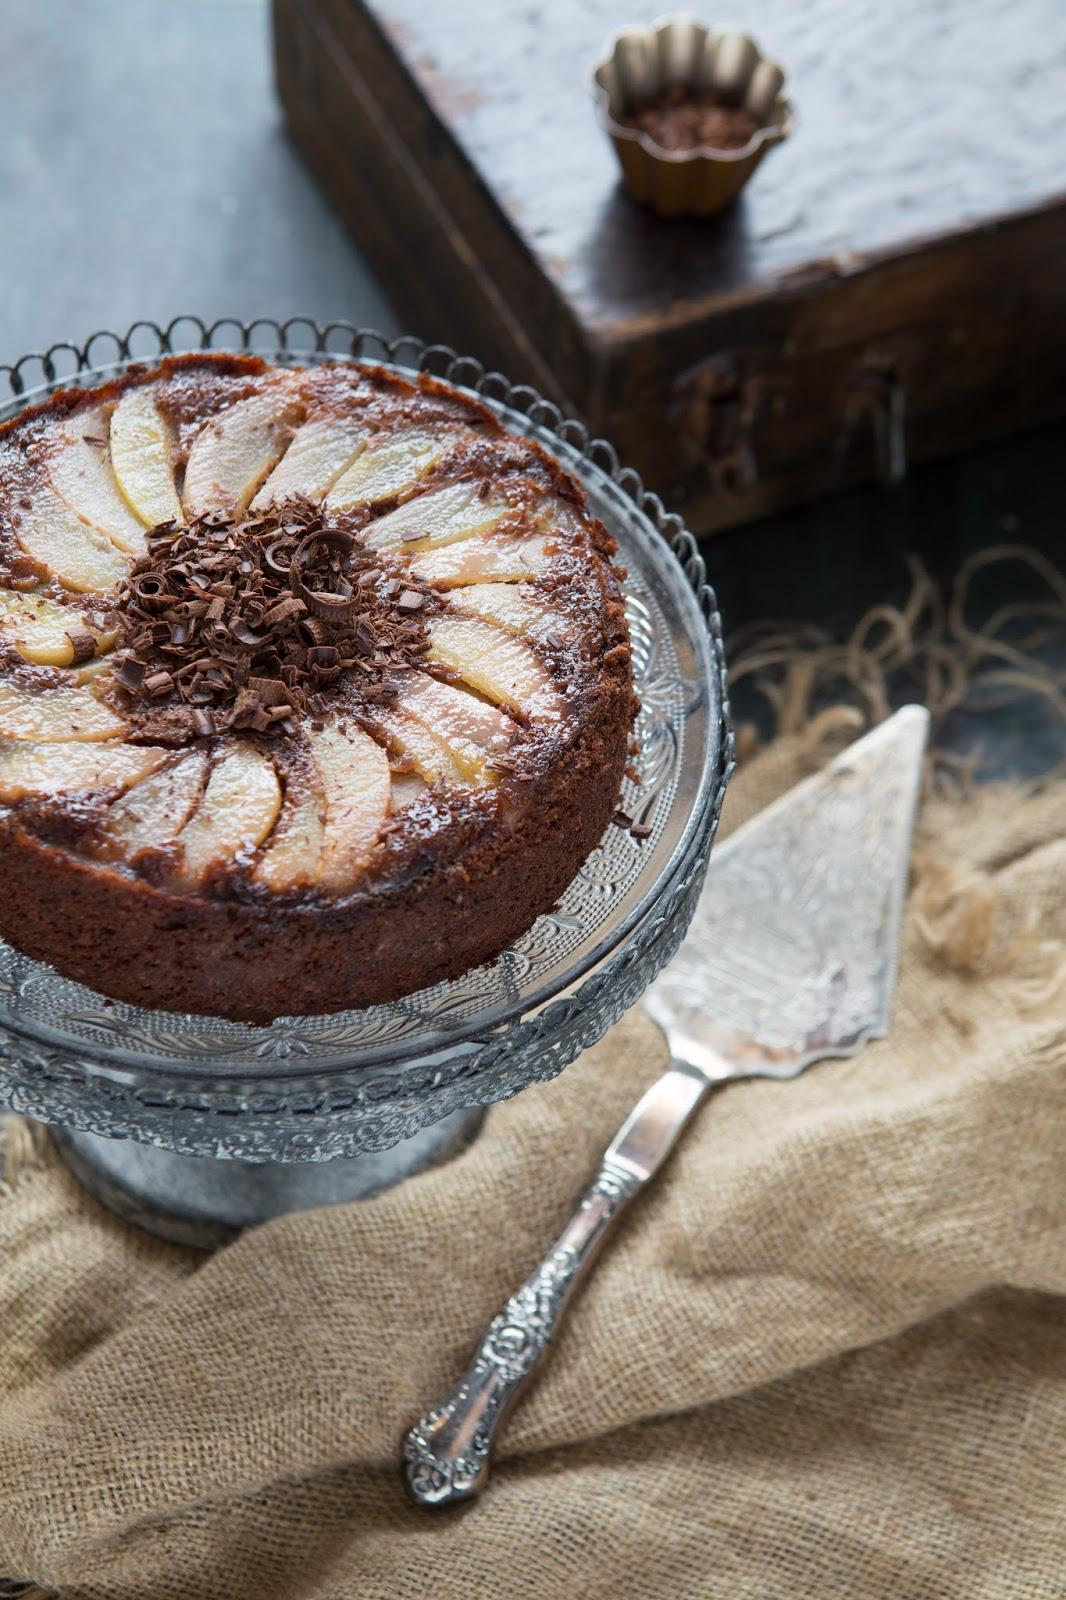 chocolate%2Bpear%2Bcake%2B2%2B%25282%2Bof%2B6%2529.jpg